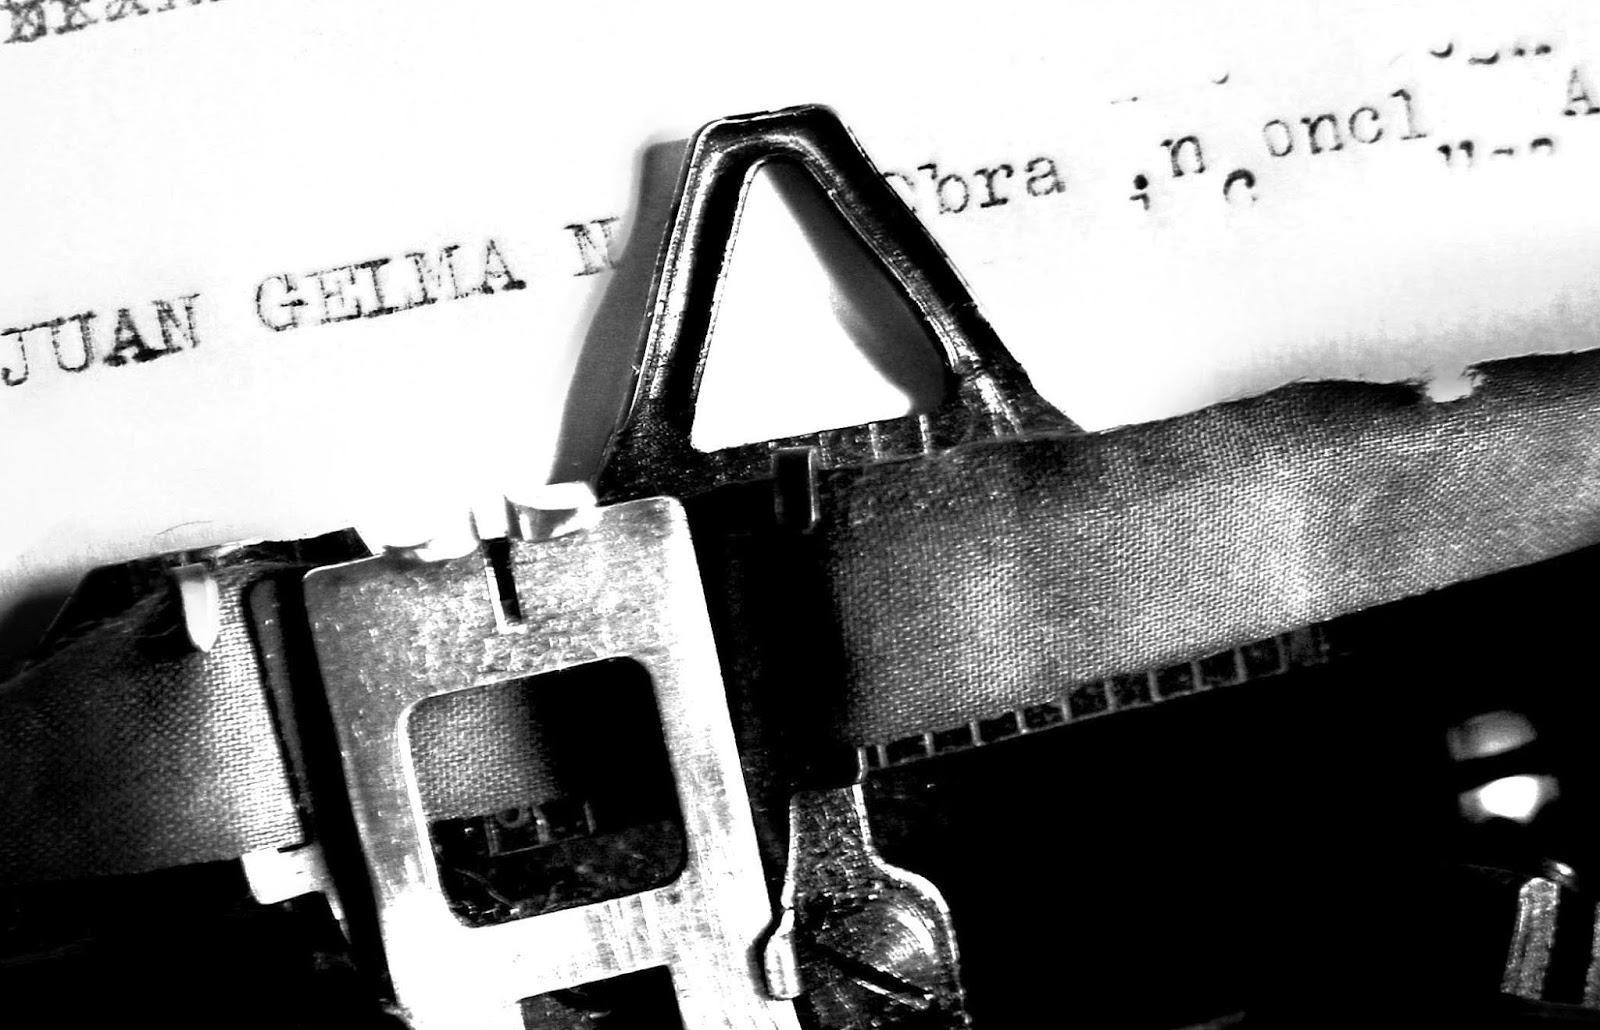 Máquina de escrever com papel datilografado onde se lê: Juan Gelma N... Obra...